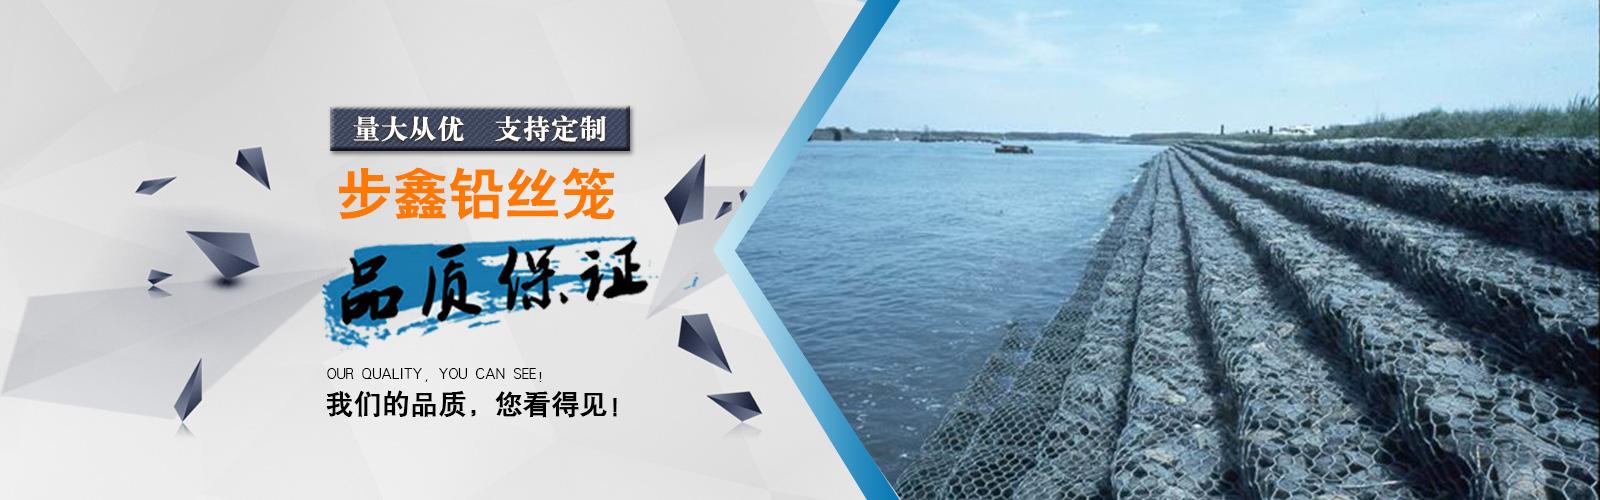 澳门新葡京娱乐2410.com